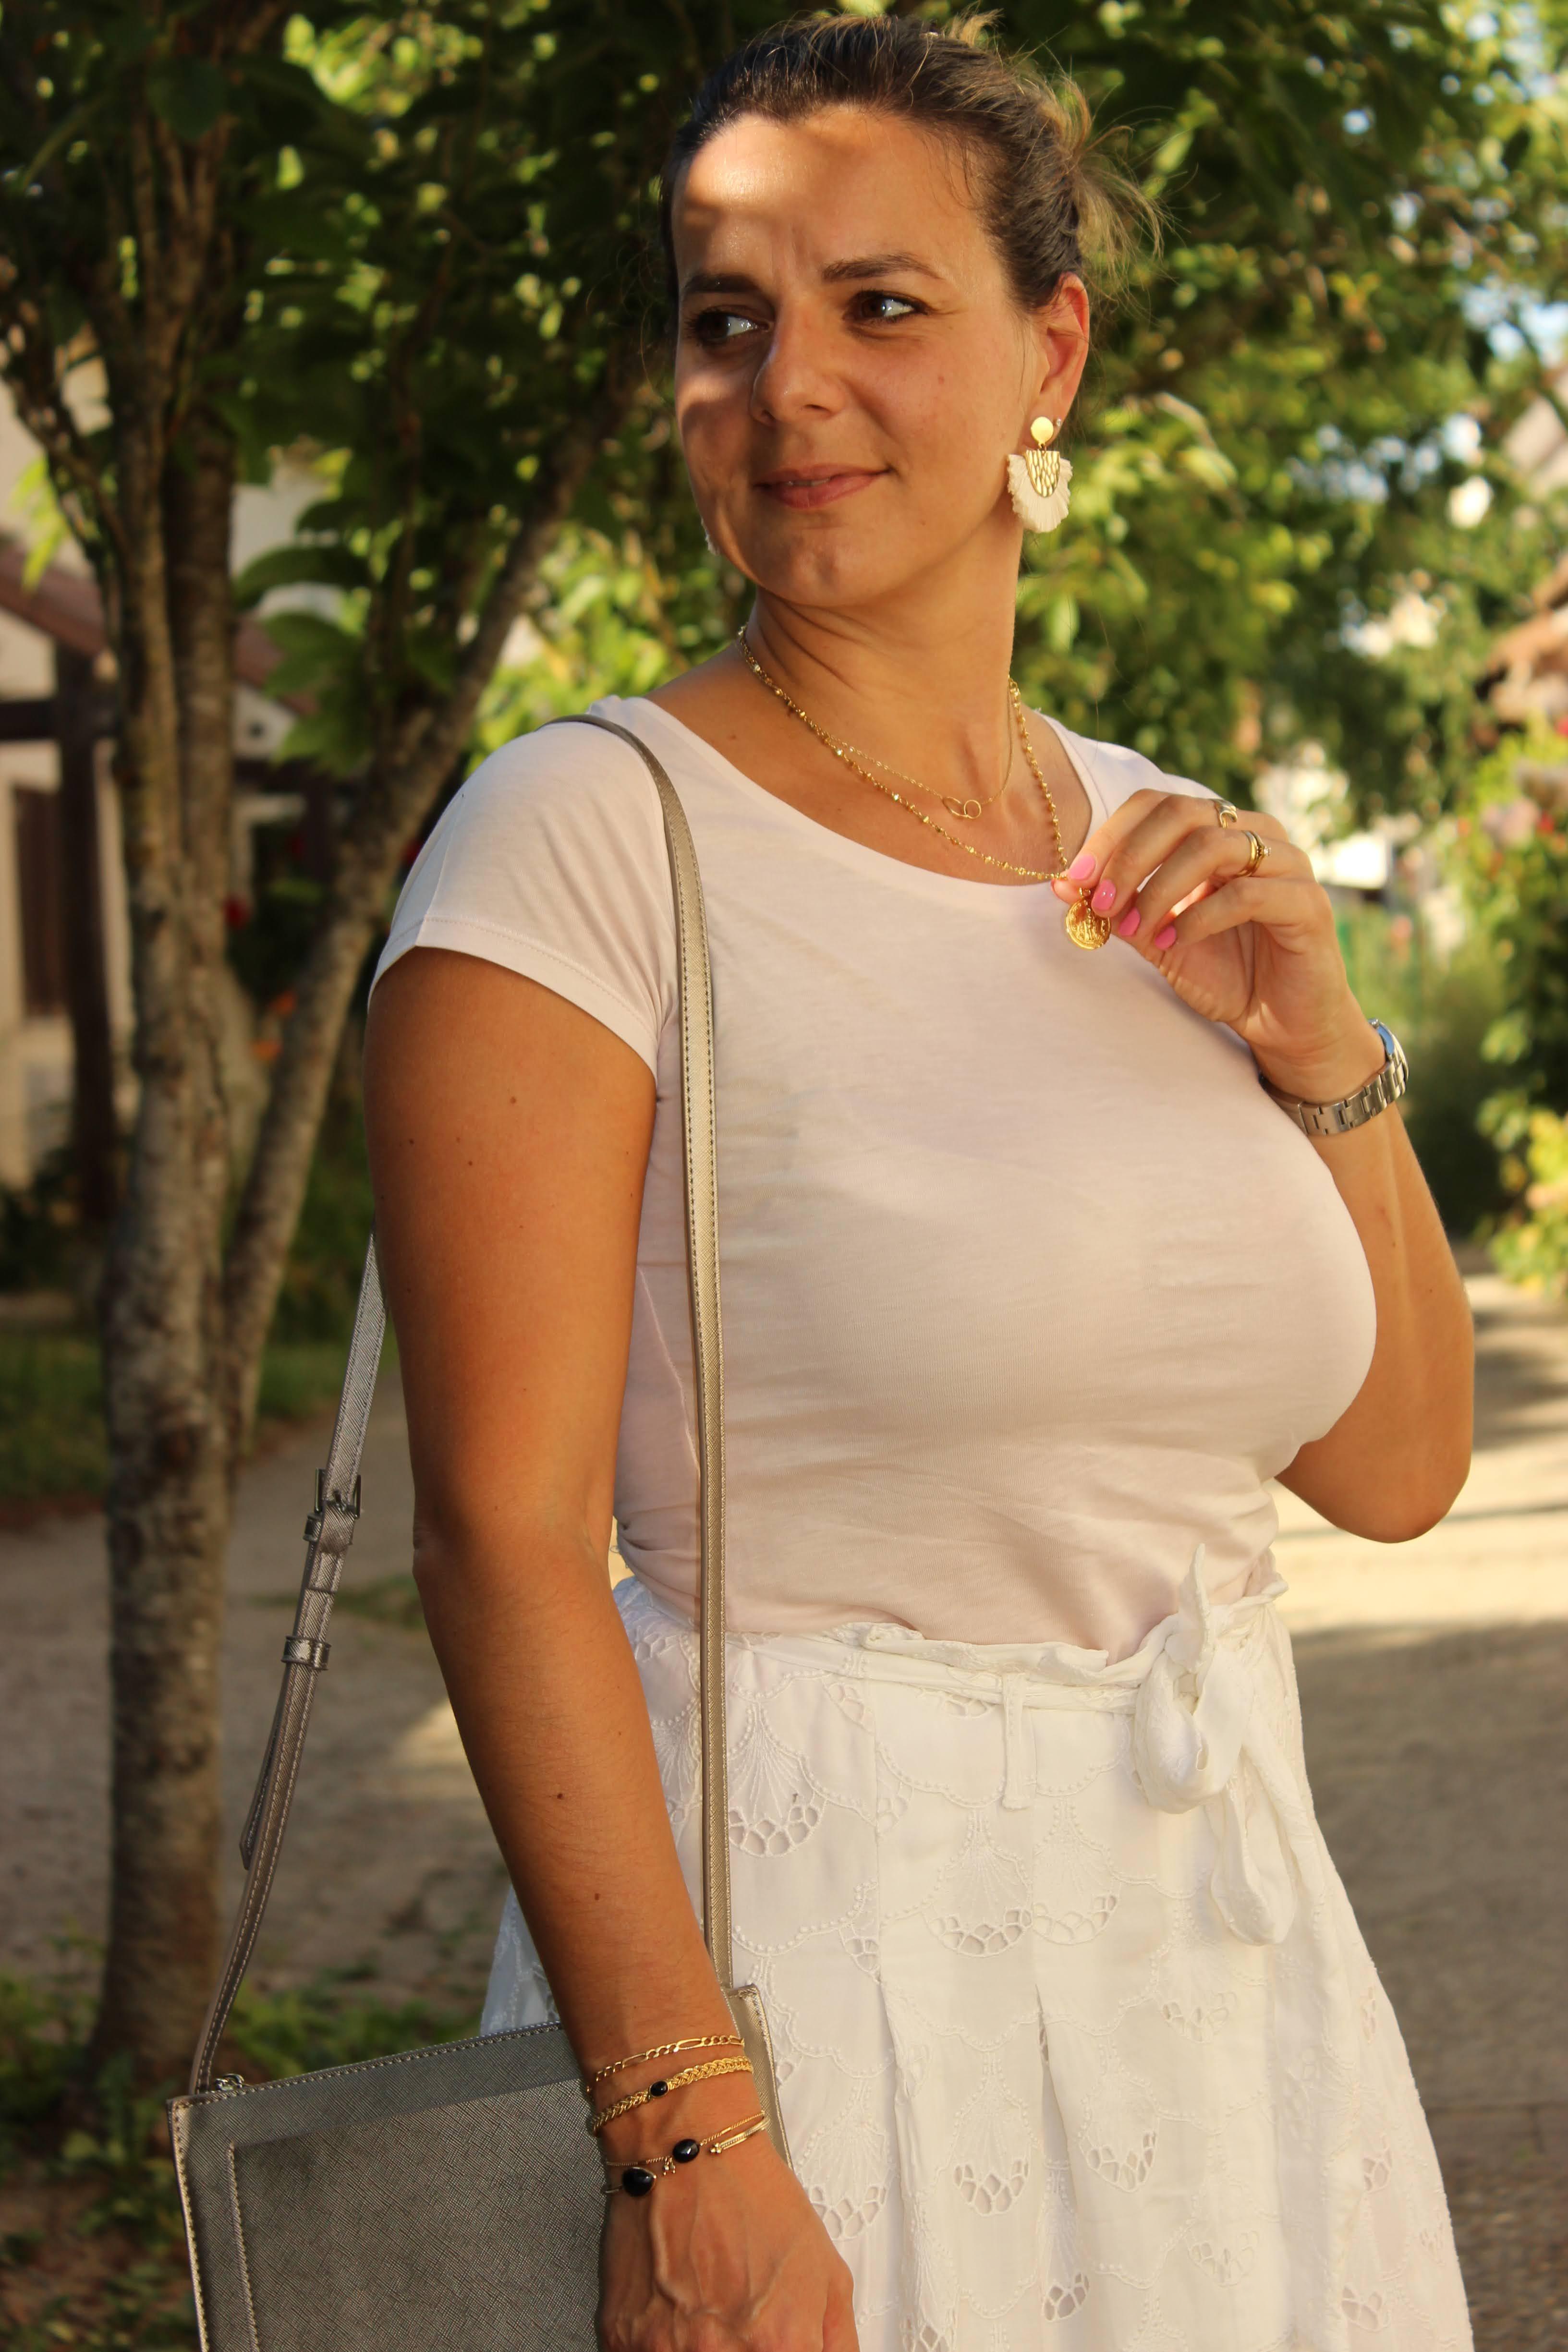 Jupe Sezane, top Absolute Cashmere, look du jour, les petites bulles de ma vie